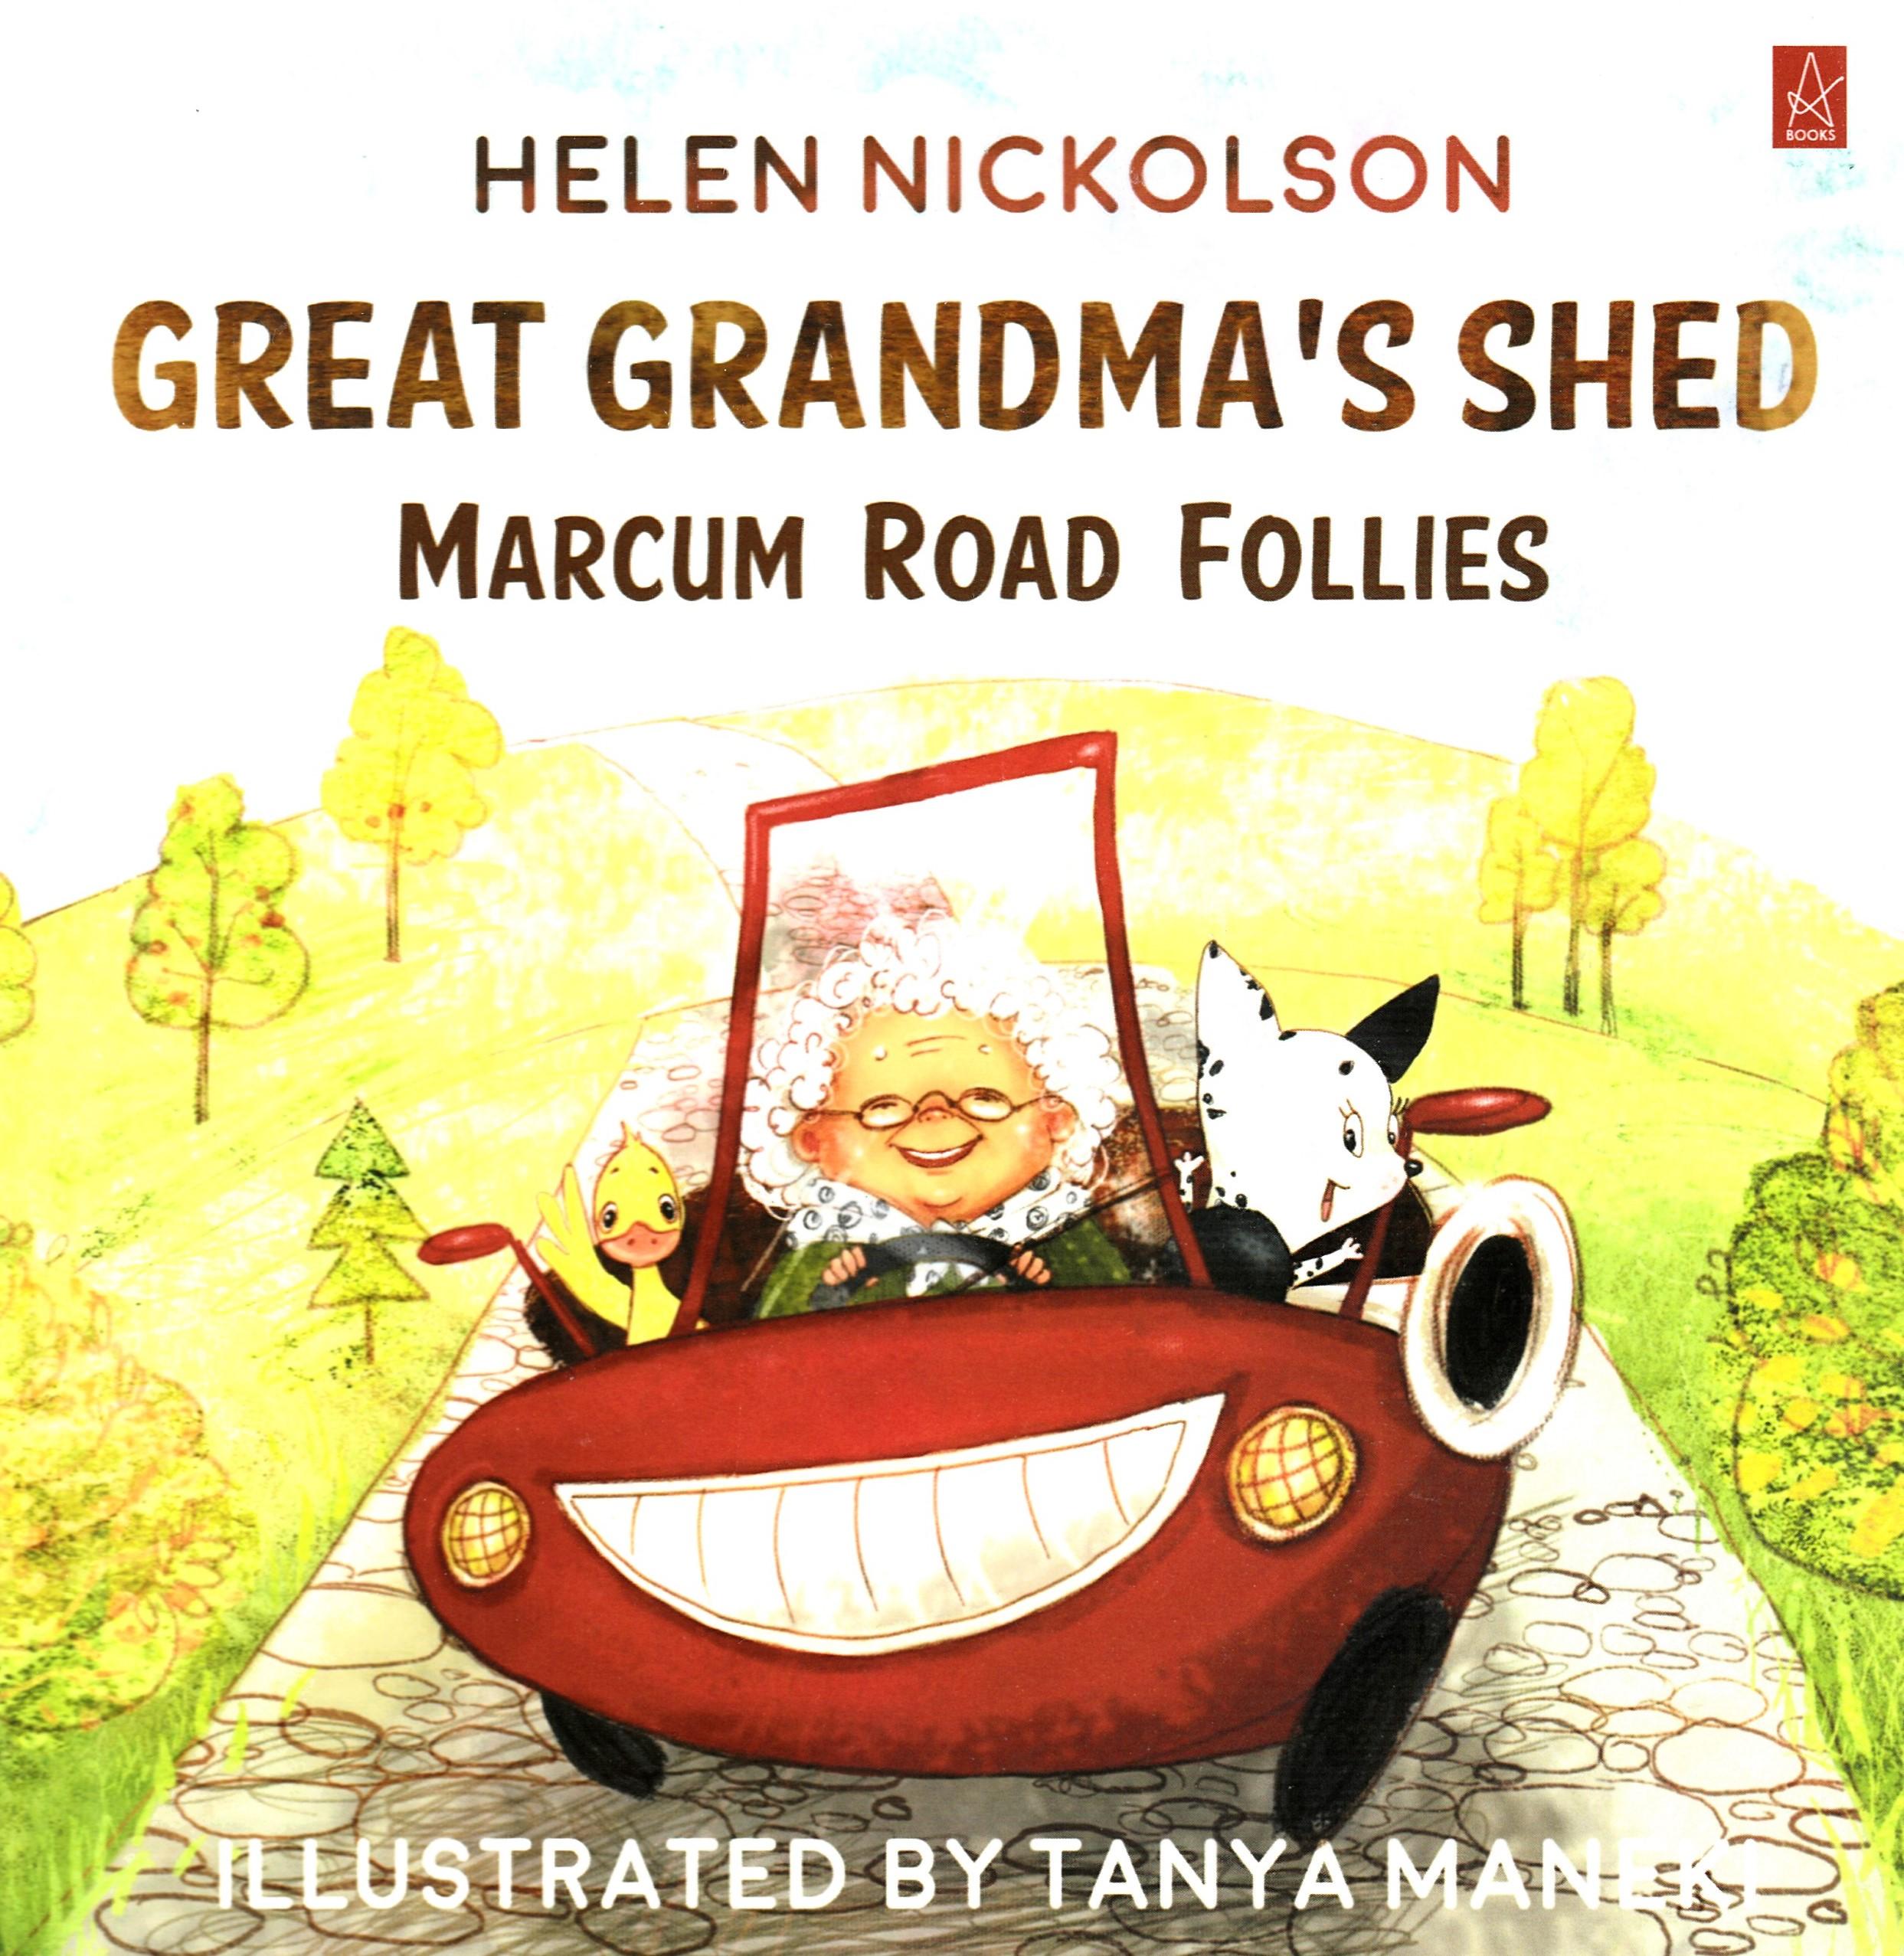 Grandmas shed